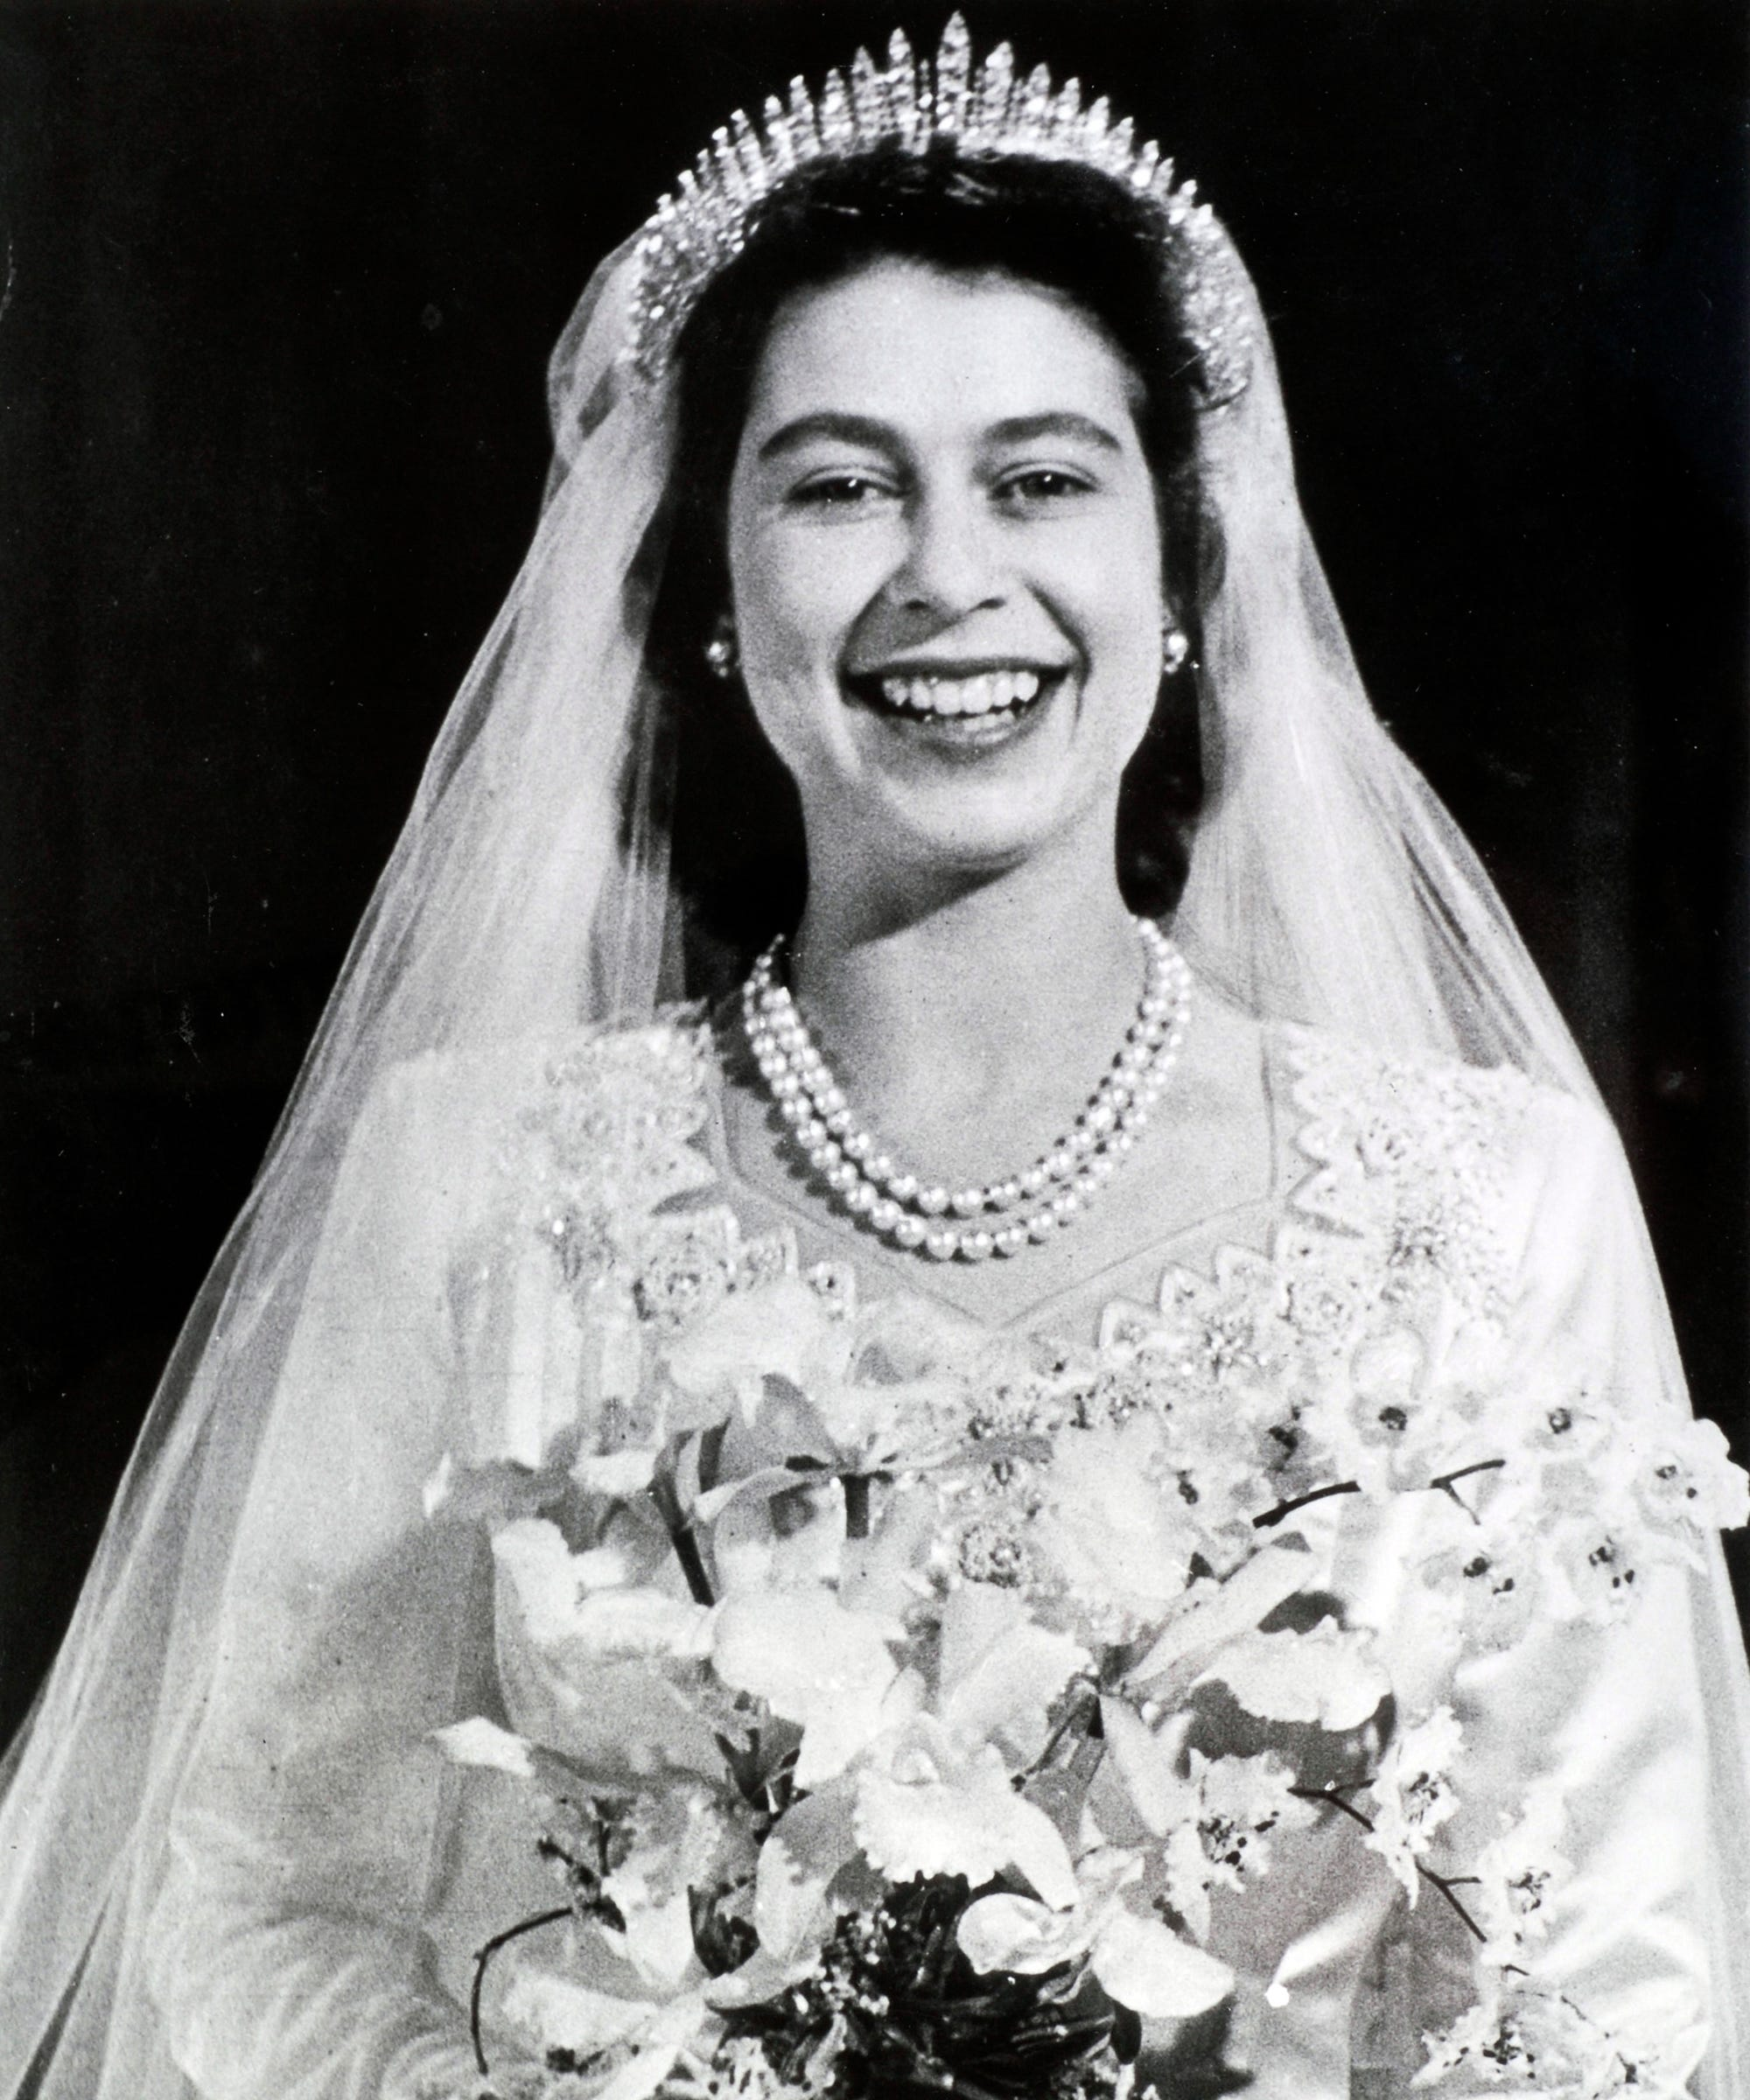 Queen Elizabeth Ii Wedding.Queen Elizabeth Wedding Tiara Engagement Ring History